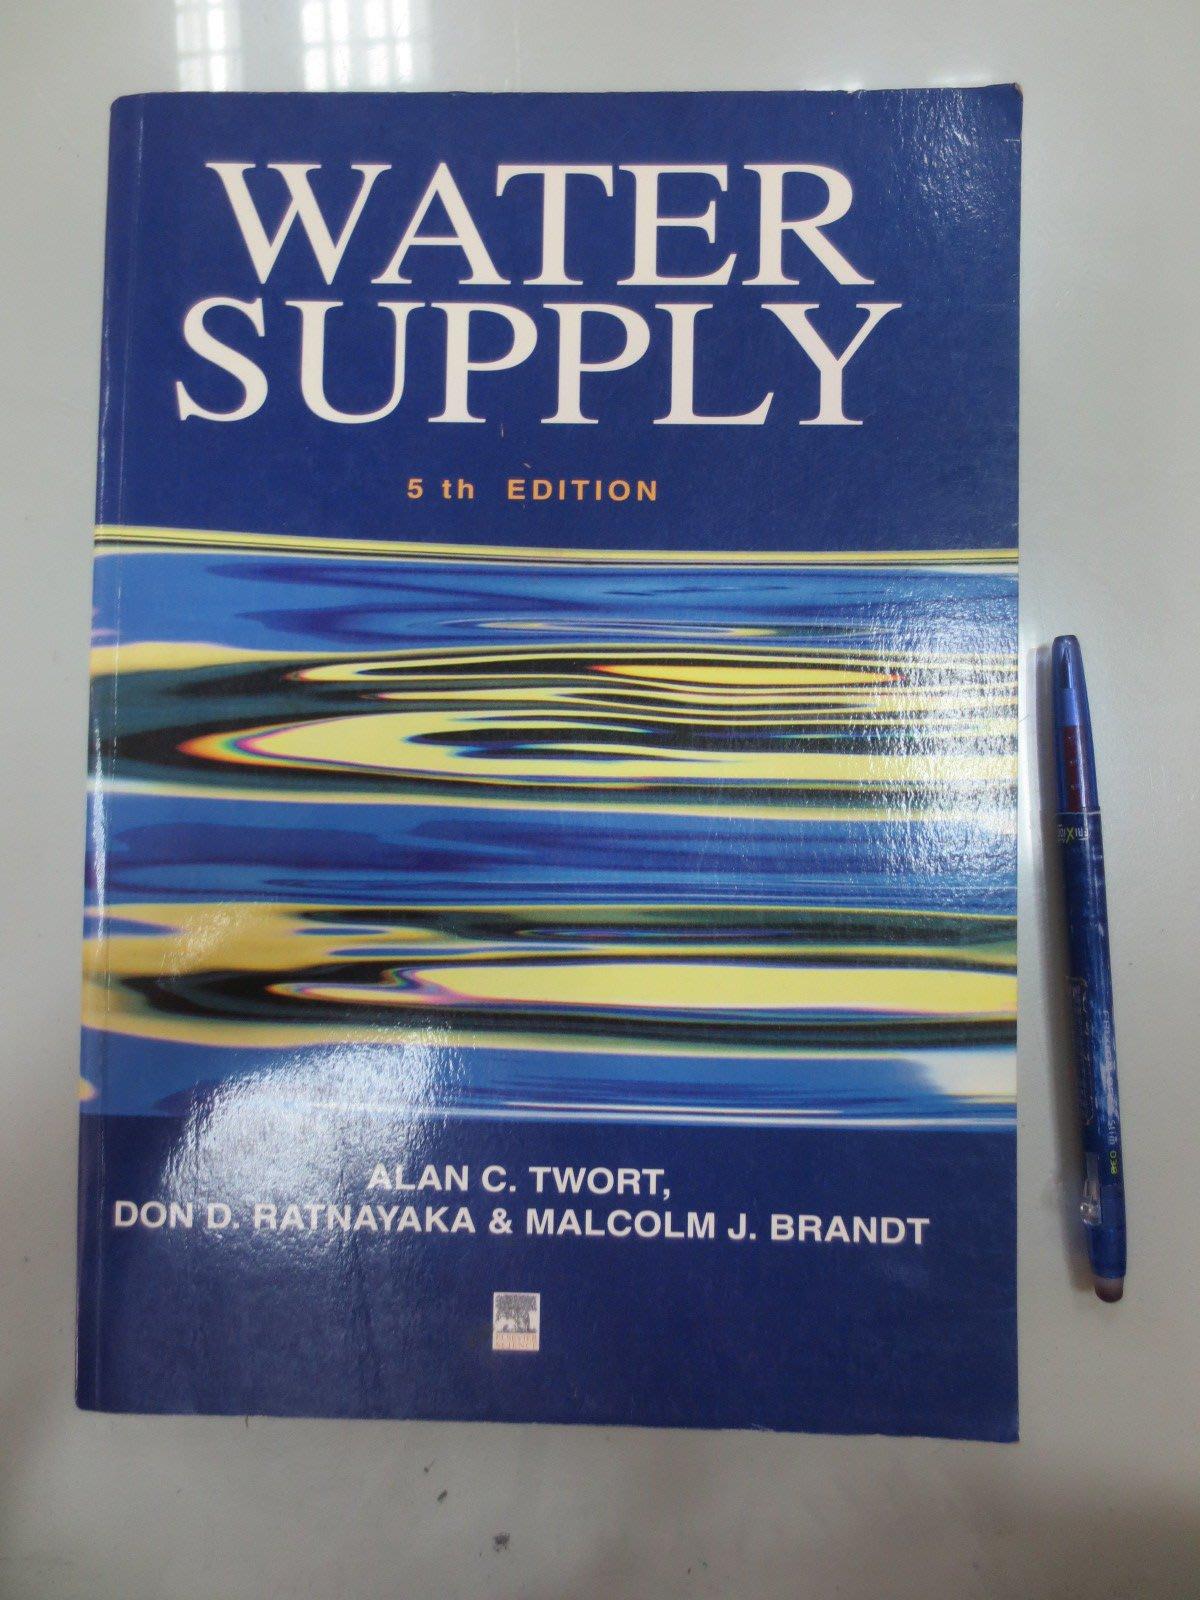 6980銤:D6-4cd☆2000年出版『Water Supply 5/e』TWORT《ARNOLD》